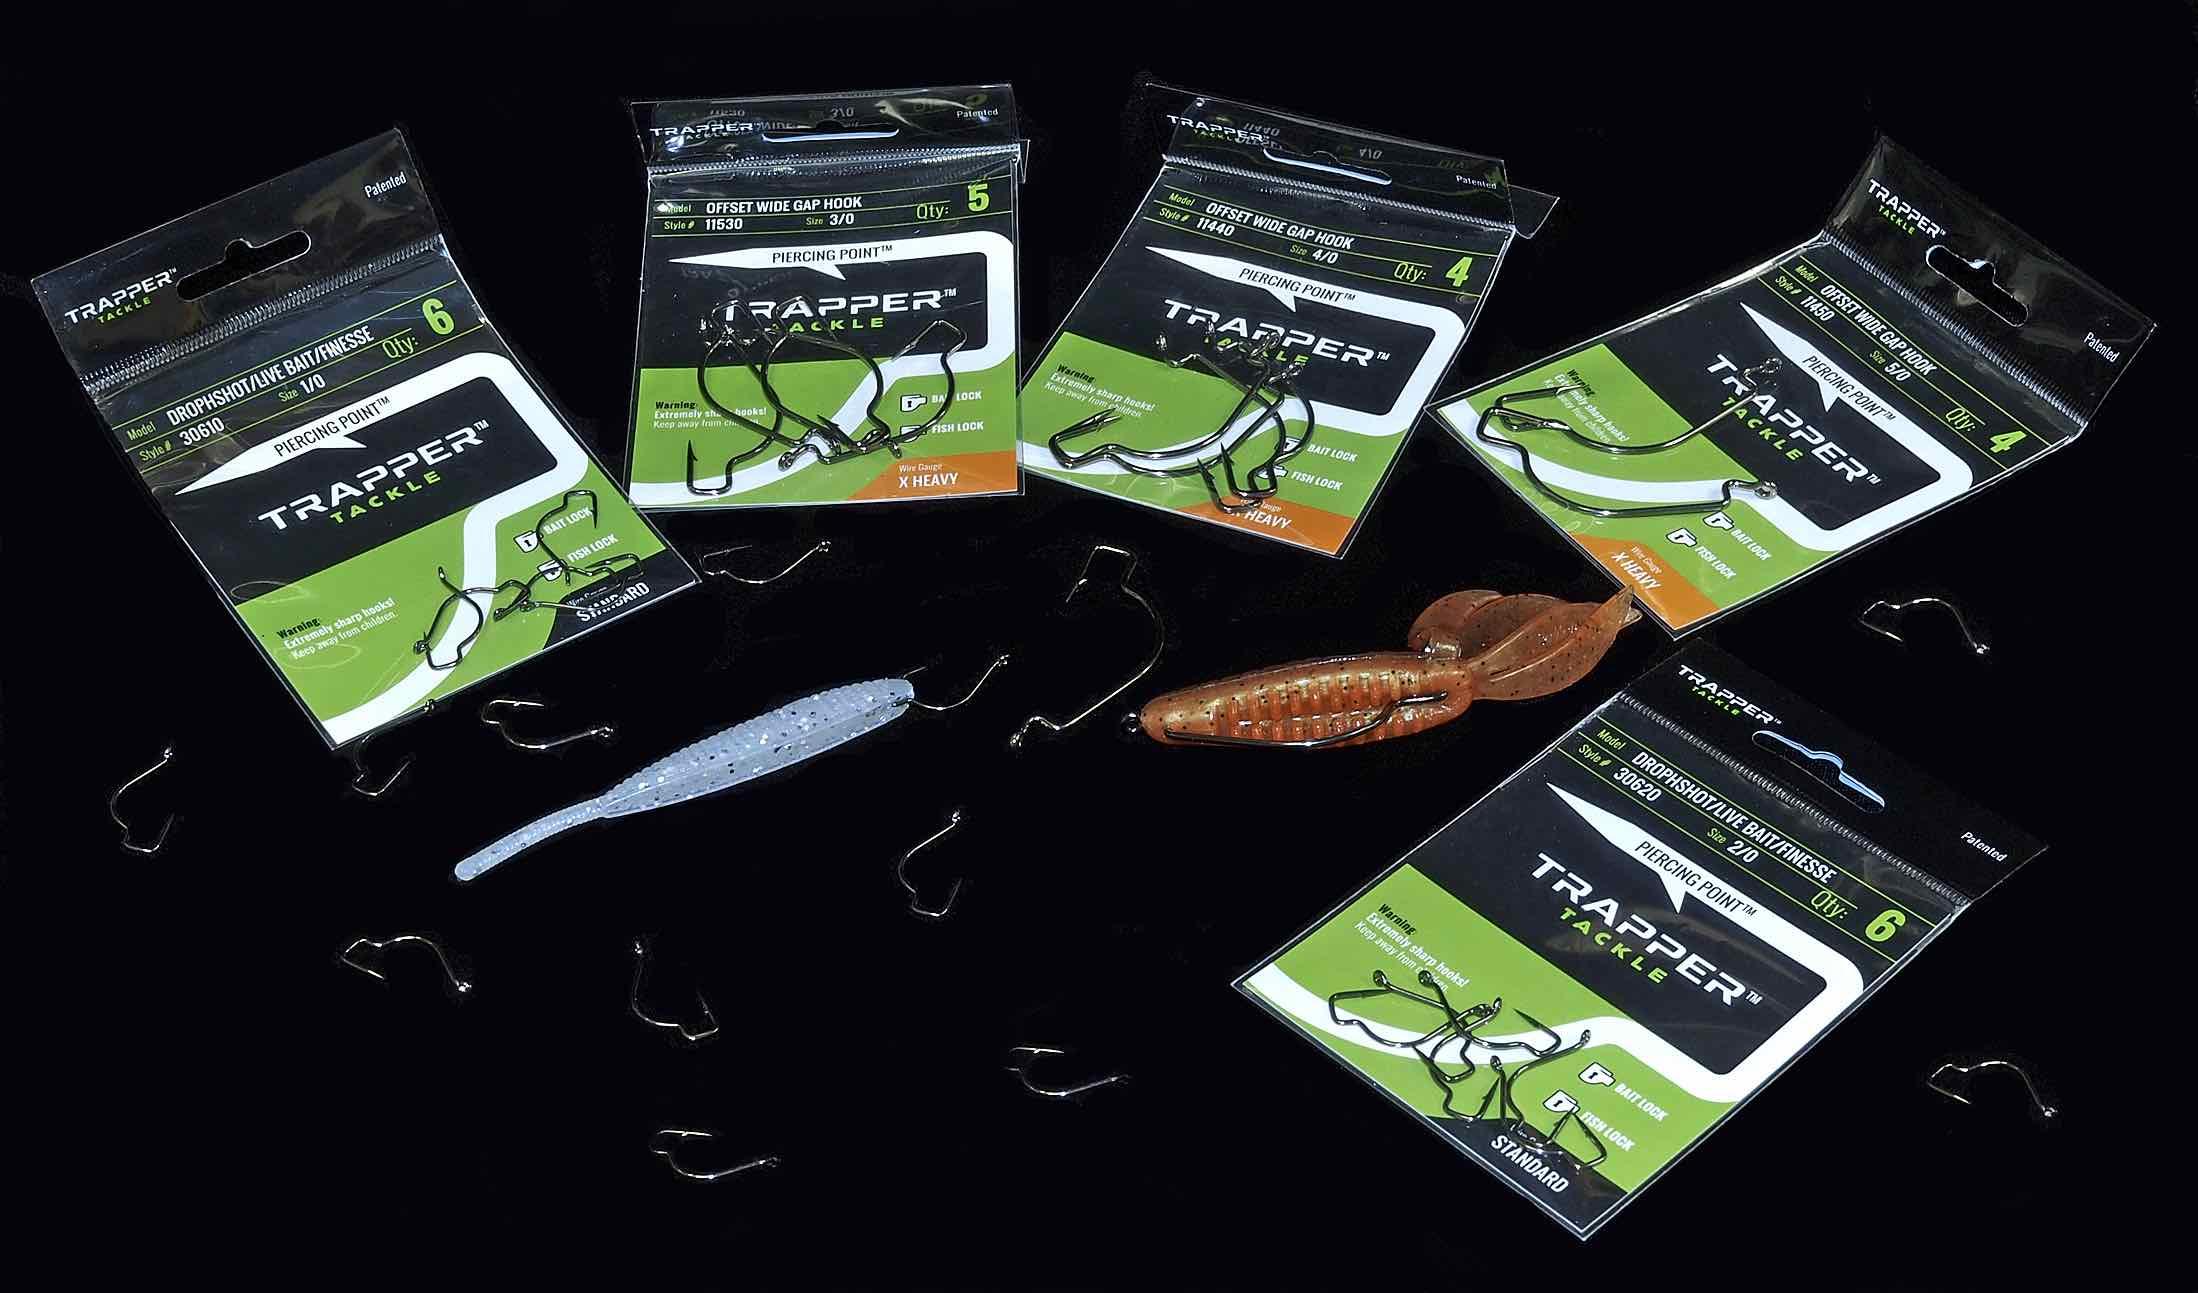 Trapper Tckle Trapper Hook Assortment